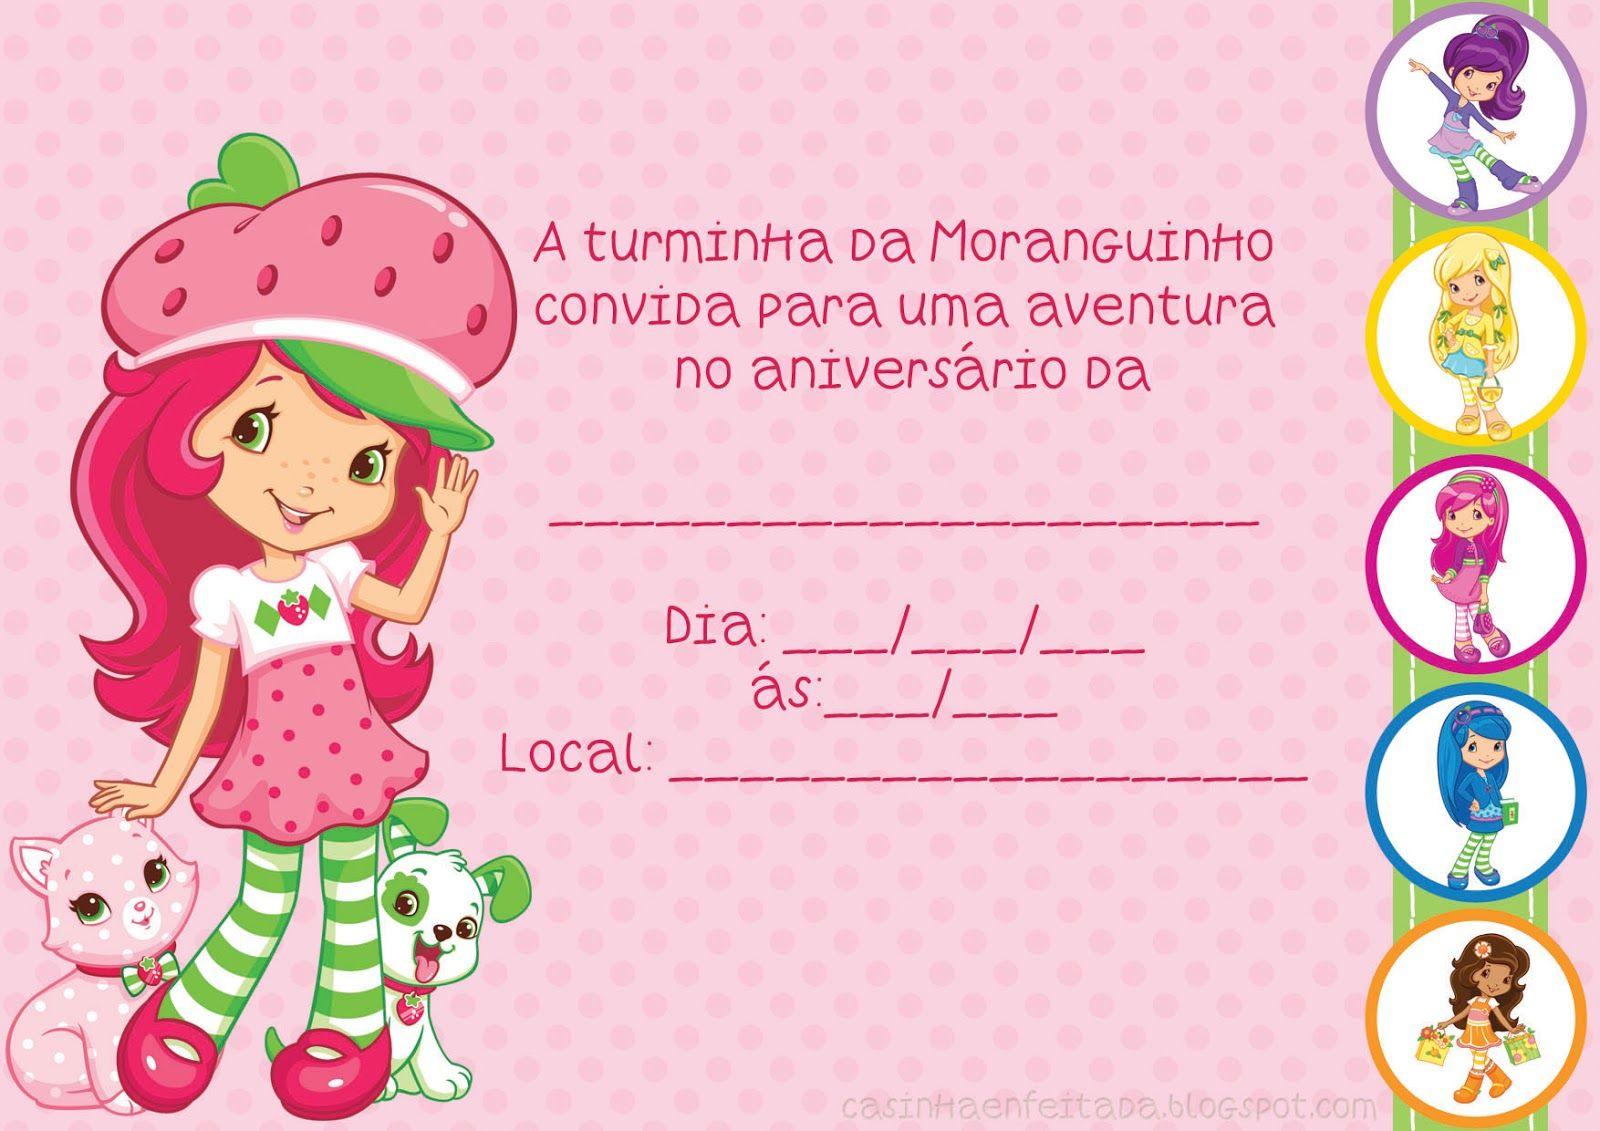 Kit Festa Turma Moranguinho Para Imprimir Gratis Lembrancinhas